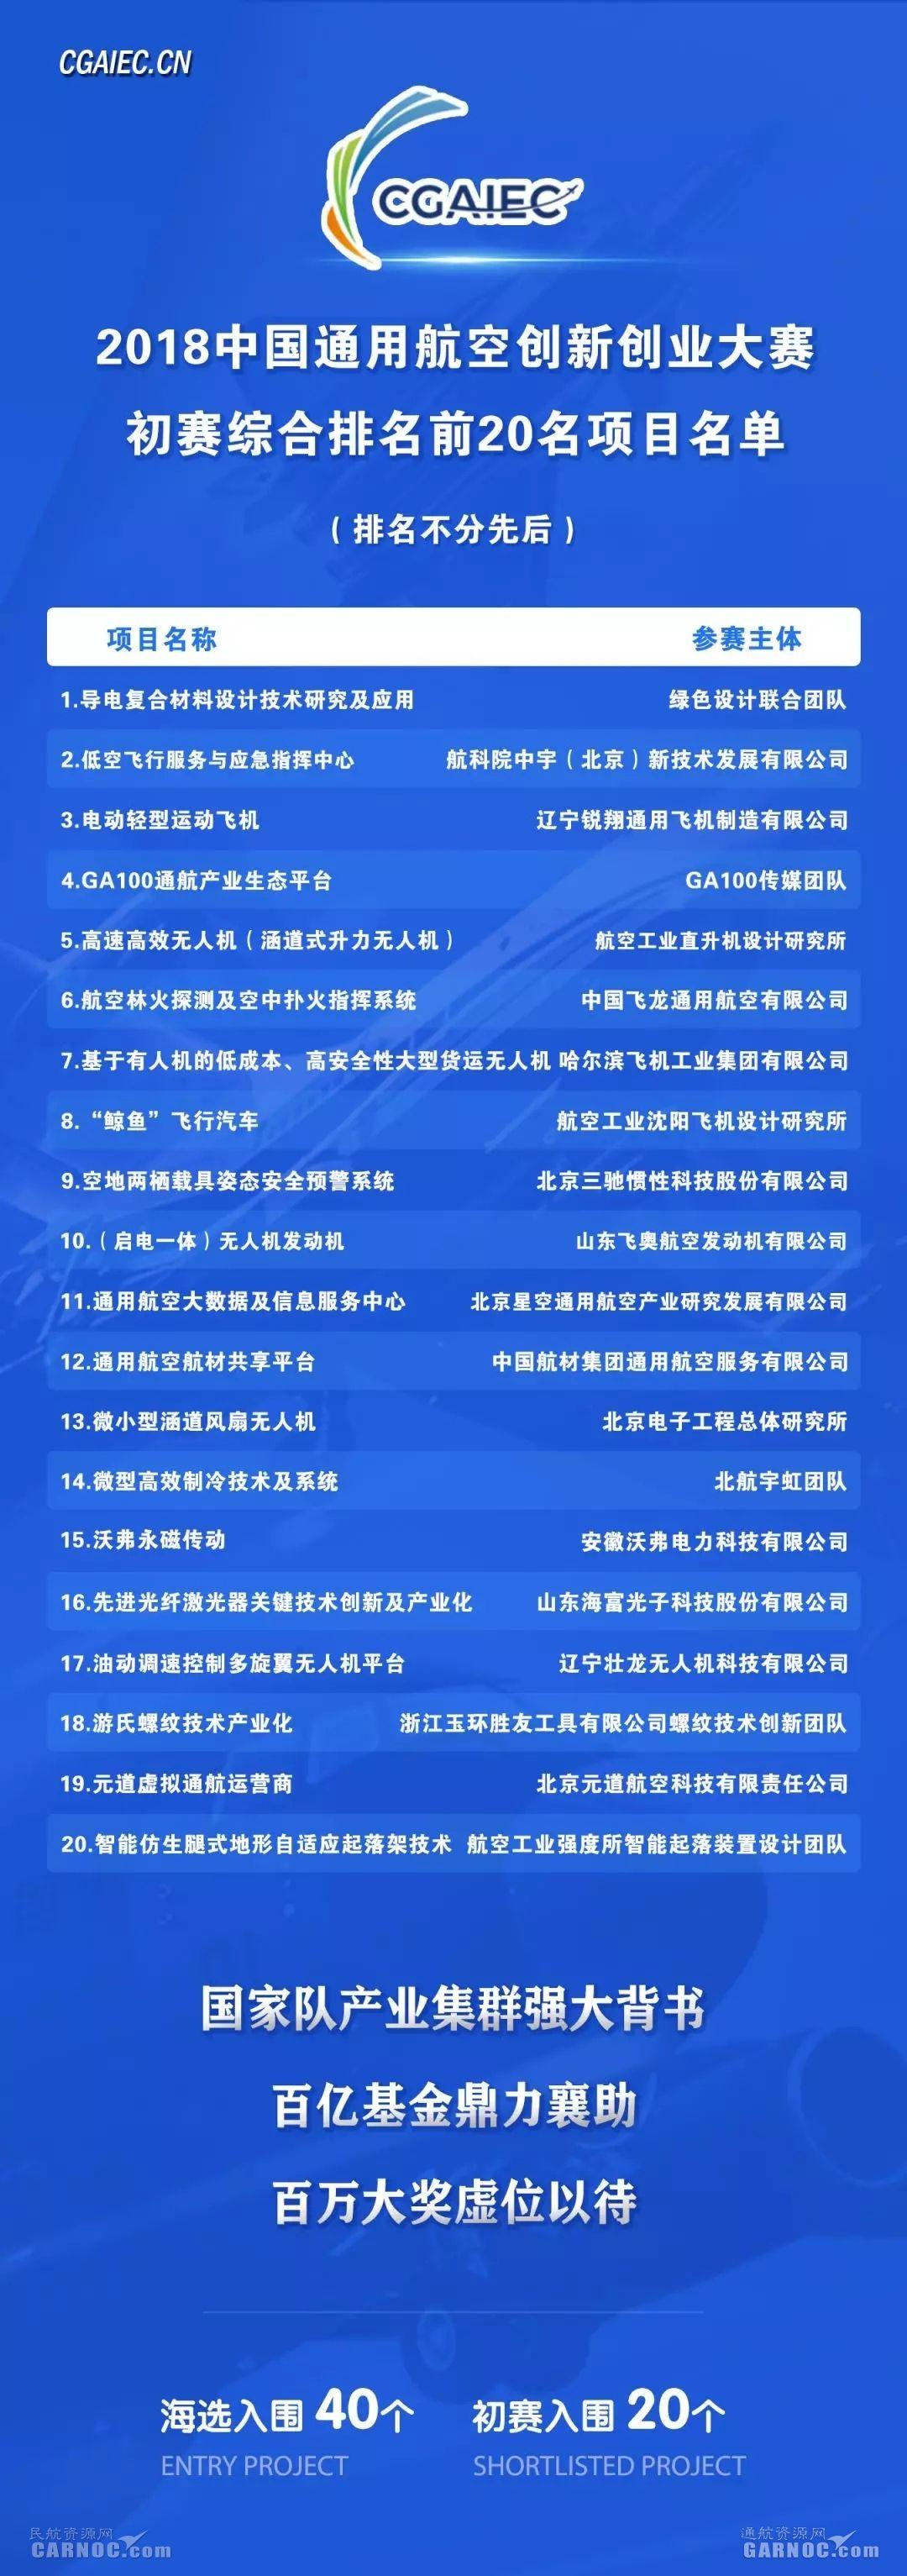 2018中国通用航空创新创业大赛20强名单出炉|新闻动态-飞翔通航(北京)服务有限责任公司